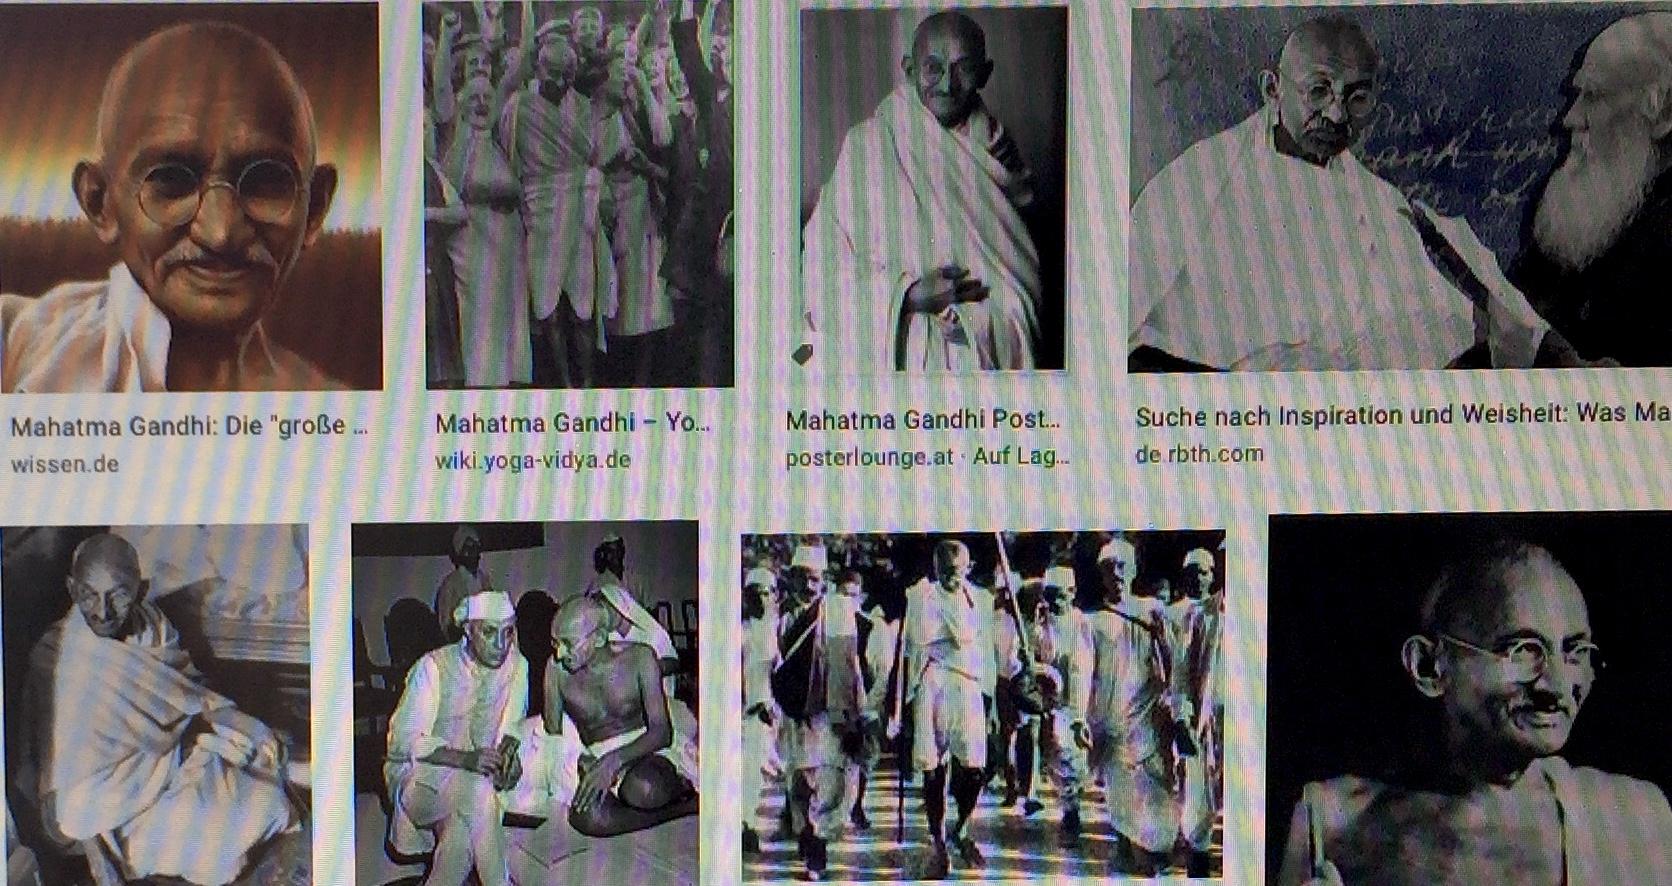 Der vergessene Lehrmeister: Die Lehren Mahatma Gandhis erweisen sich in der Coronakrise als zeitlos und können helfen, uns aus einer Situation der Unterdrückung zu befreien. Mahatma Gandhi war ein Querdenker, lange bevor dieser Begriff populär wurde. Er galt als erleuchtete Seele, als weiser Mann, der es wie fast kein Zweiter verstand, friedlich Widerstand zu leisten. Es ist mehr als lohnend, im Corona-Jahr 2021 nochmals einen Blick auf die Lehren Gandhis zu werfen. Was seinerzeit Indien und natürlich auch andere britische Kolonien betraf, erstreckt sich nun — wenn auch in einem anderen Gewand — auf nahezu die gesamte Menschheit: Unterdrückung! Umgekehrt gilt: Was damals in Indien möglich war, kann auch heute wieder geschehen — weltweit! Viele Widerstandsbewegungen laufen Gefahr, sich in den Sackgassen eines gegenetwas gerichteten Kampfes zu verlieren. All jene, die sich in diesen Tagen für Freiheit und Menschenwürde einsetzen, tun deshalb gut daran, sich in ihrem widerständigen Bestreben an den Lehren Gandhis neu zu orientieren.  Von Martin Sinzinger (www.martin-sinzinger.de, www.spiritualität-im-öffentlichen-dialog.eu, erschienen am 4.3.2021 auf Rubikon.news); www.progression.at